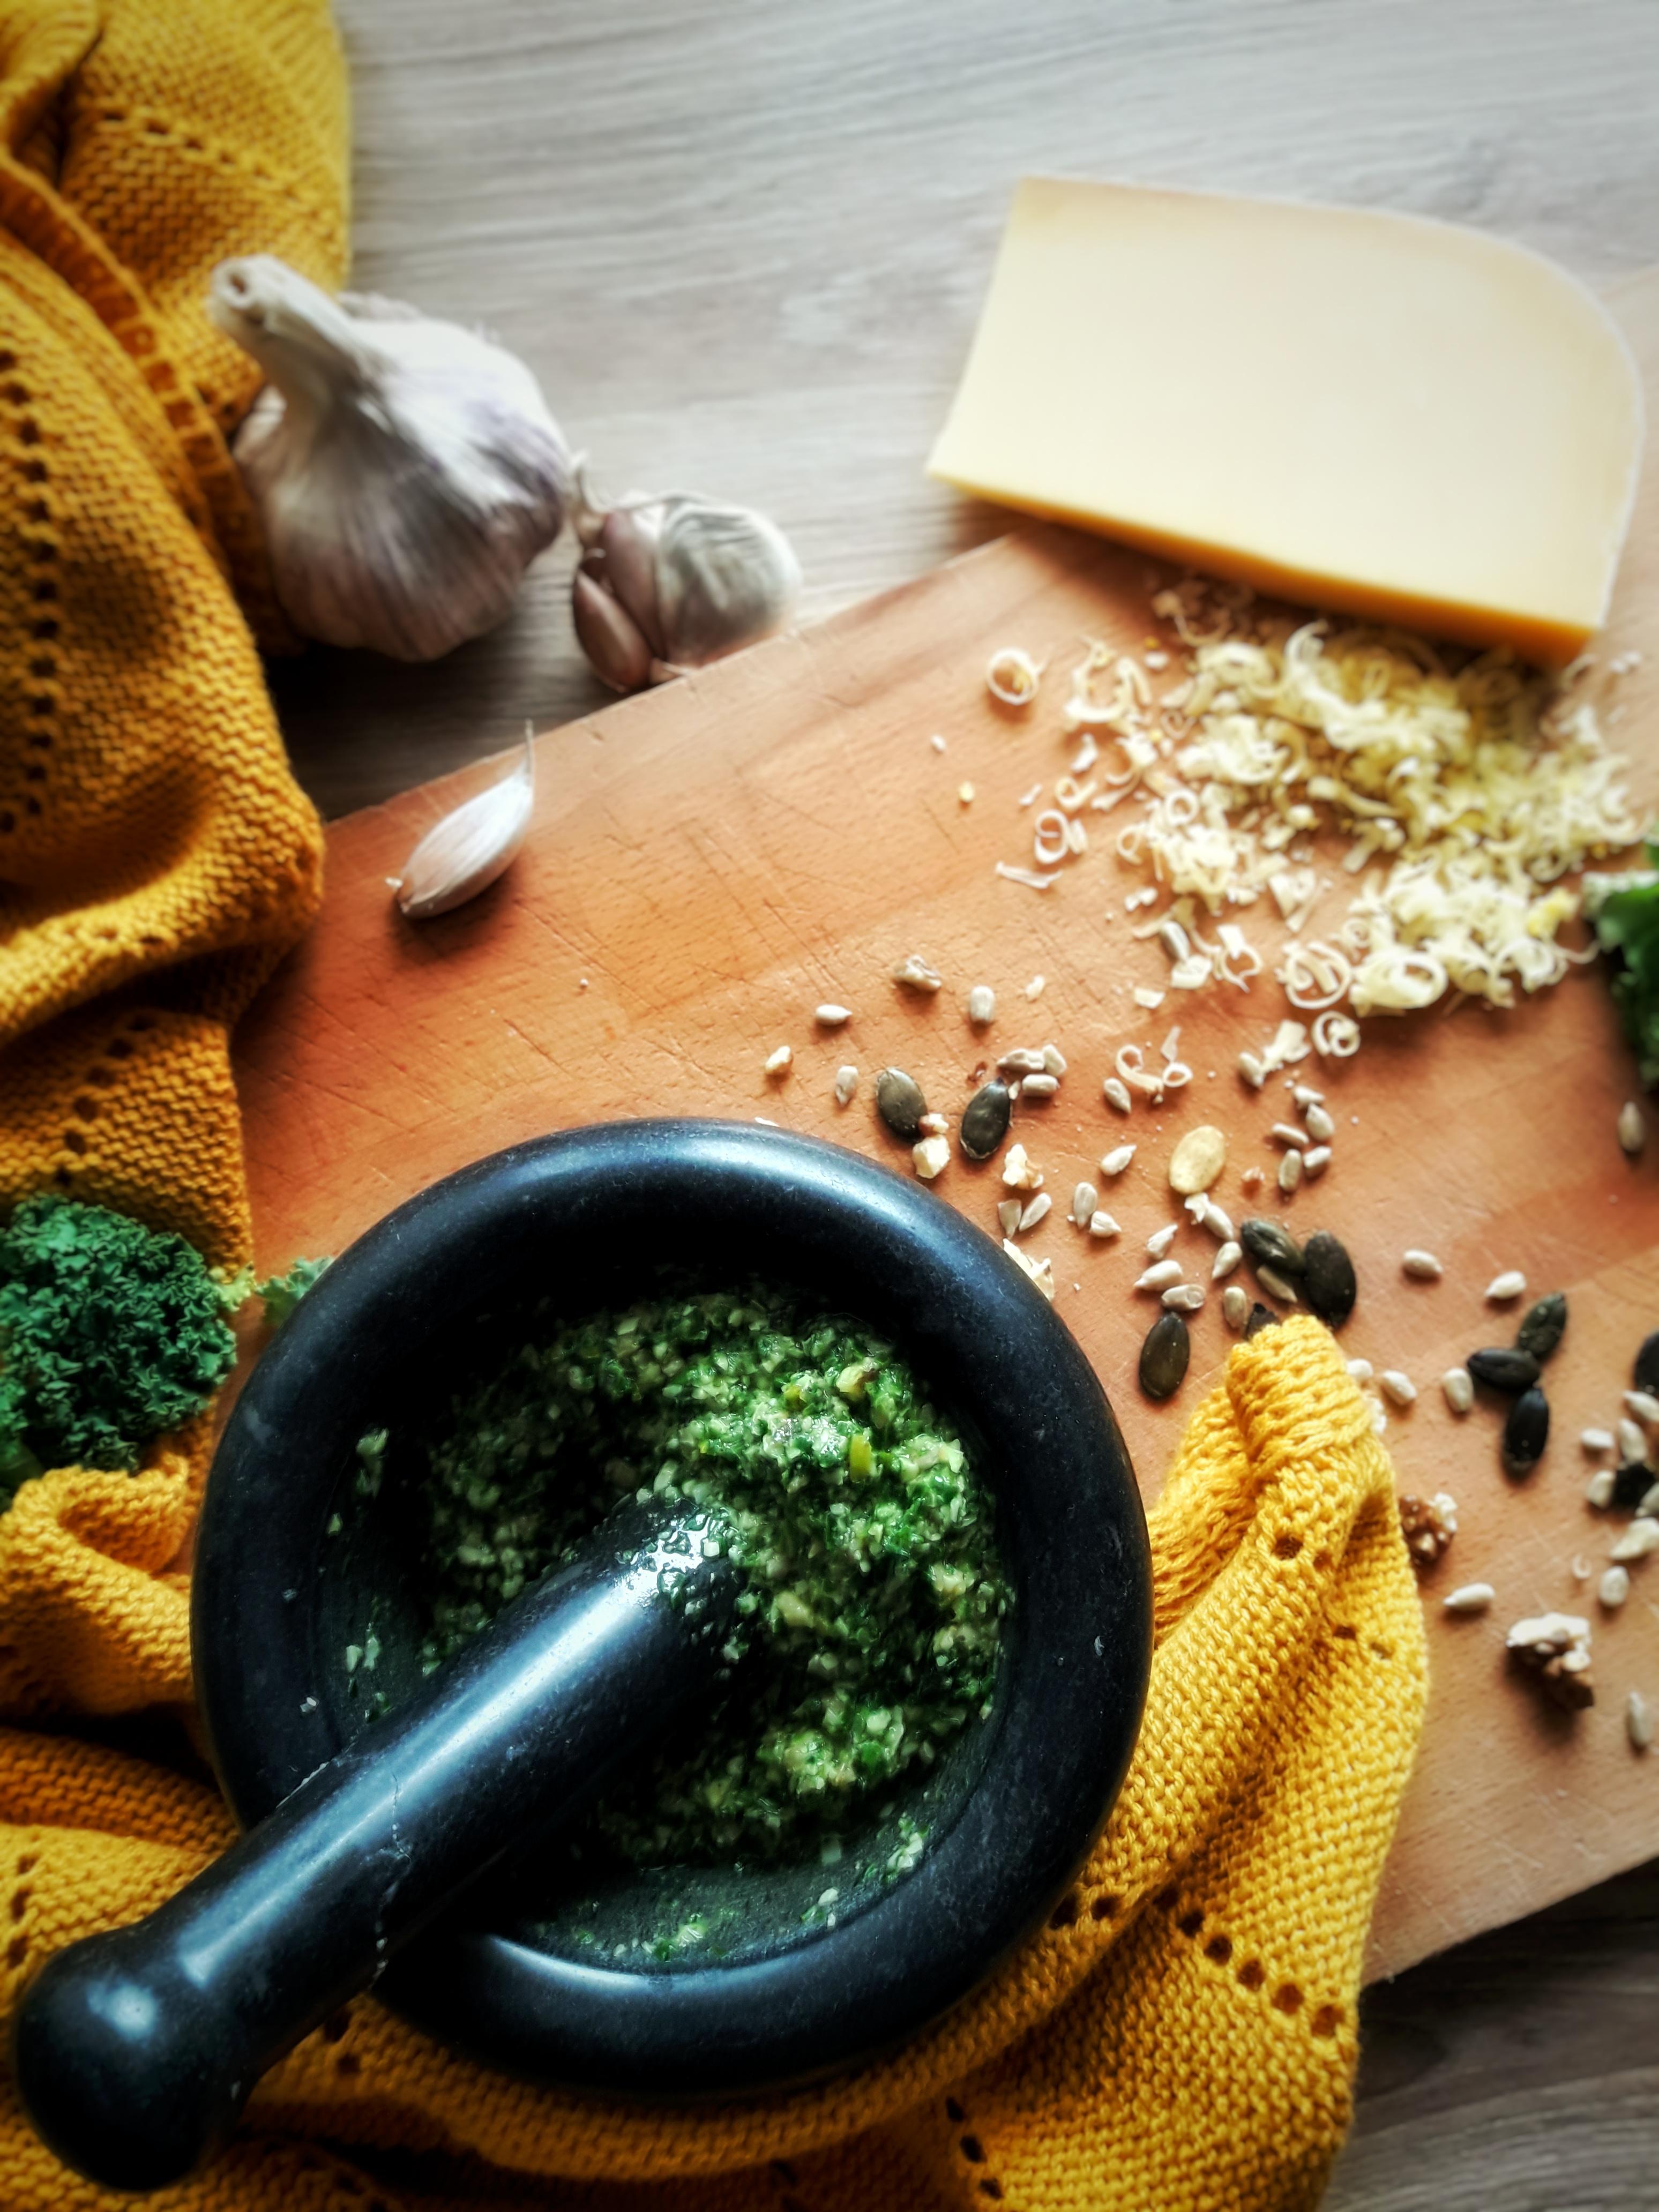 Pesto z jarmużu idealne do jesiennych dań